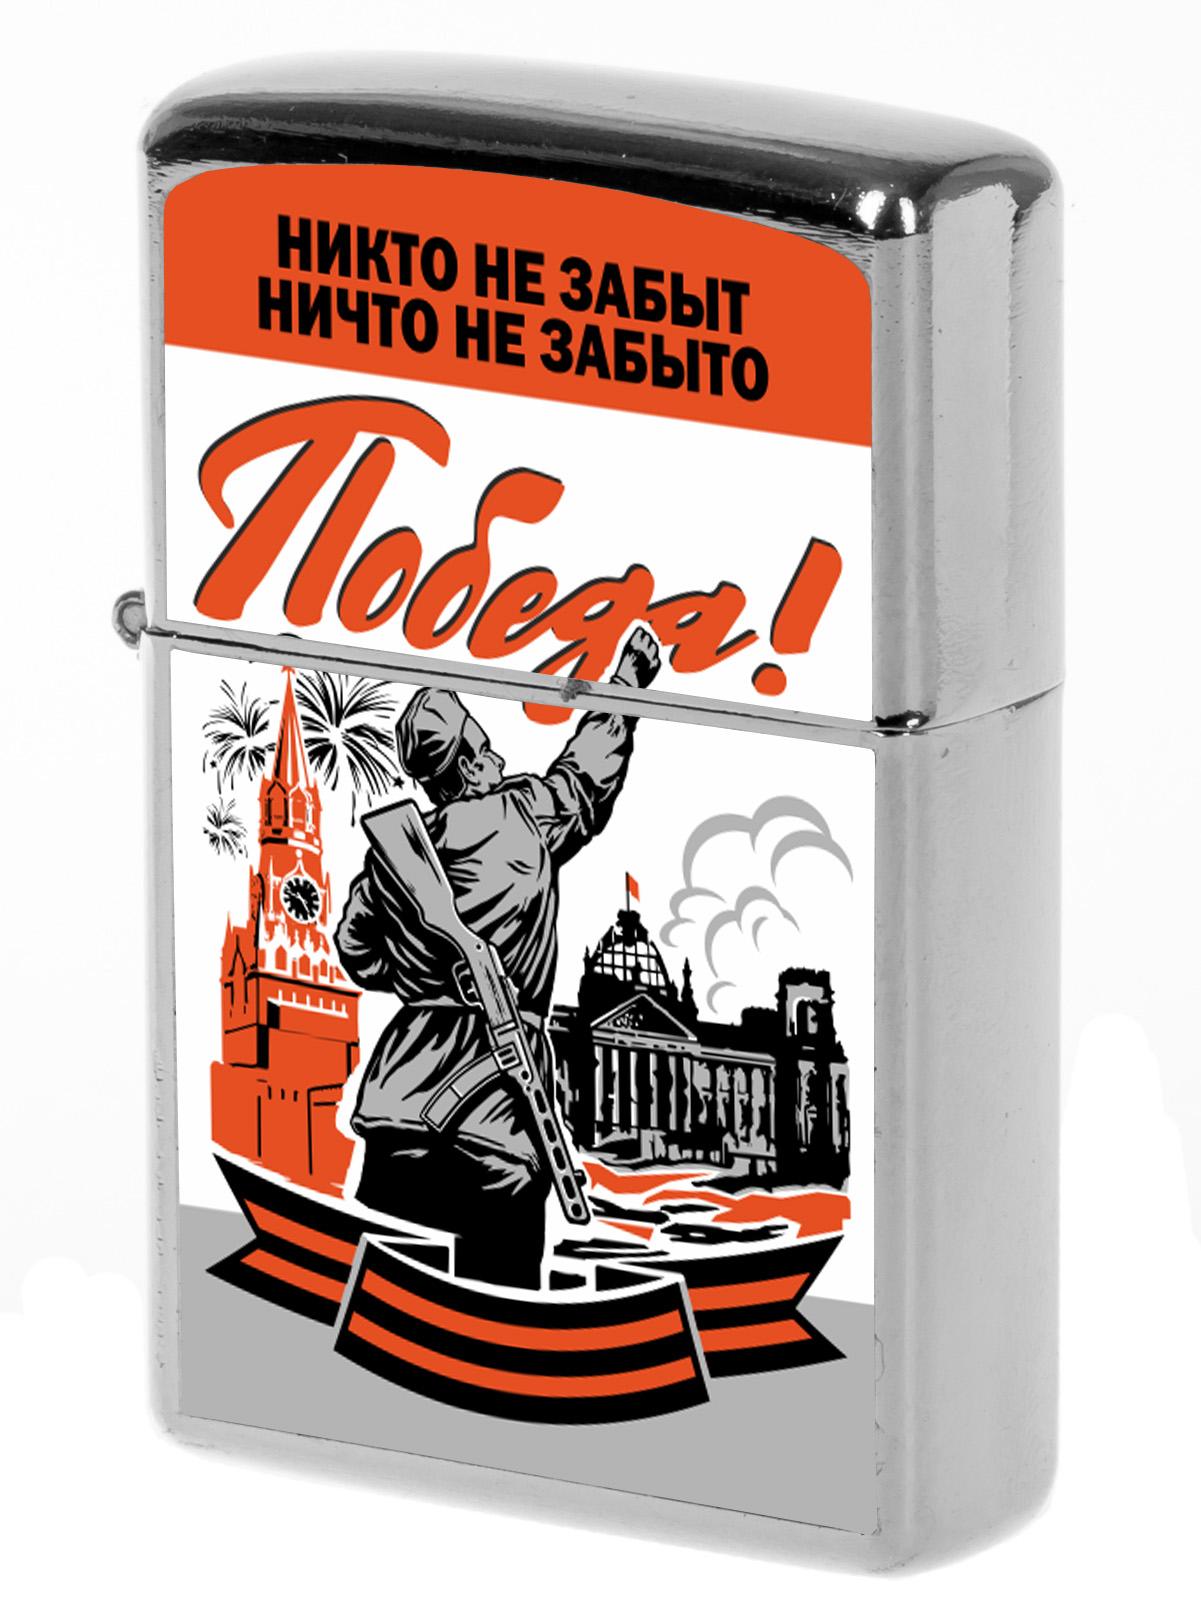 Зажигалка с символикой Великой победы купить в подарок